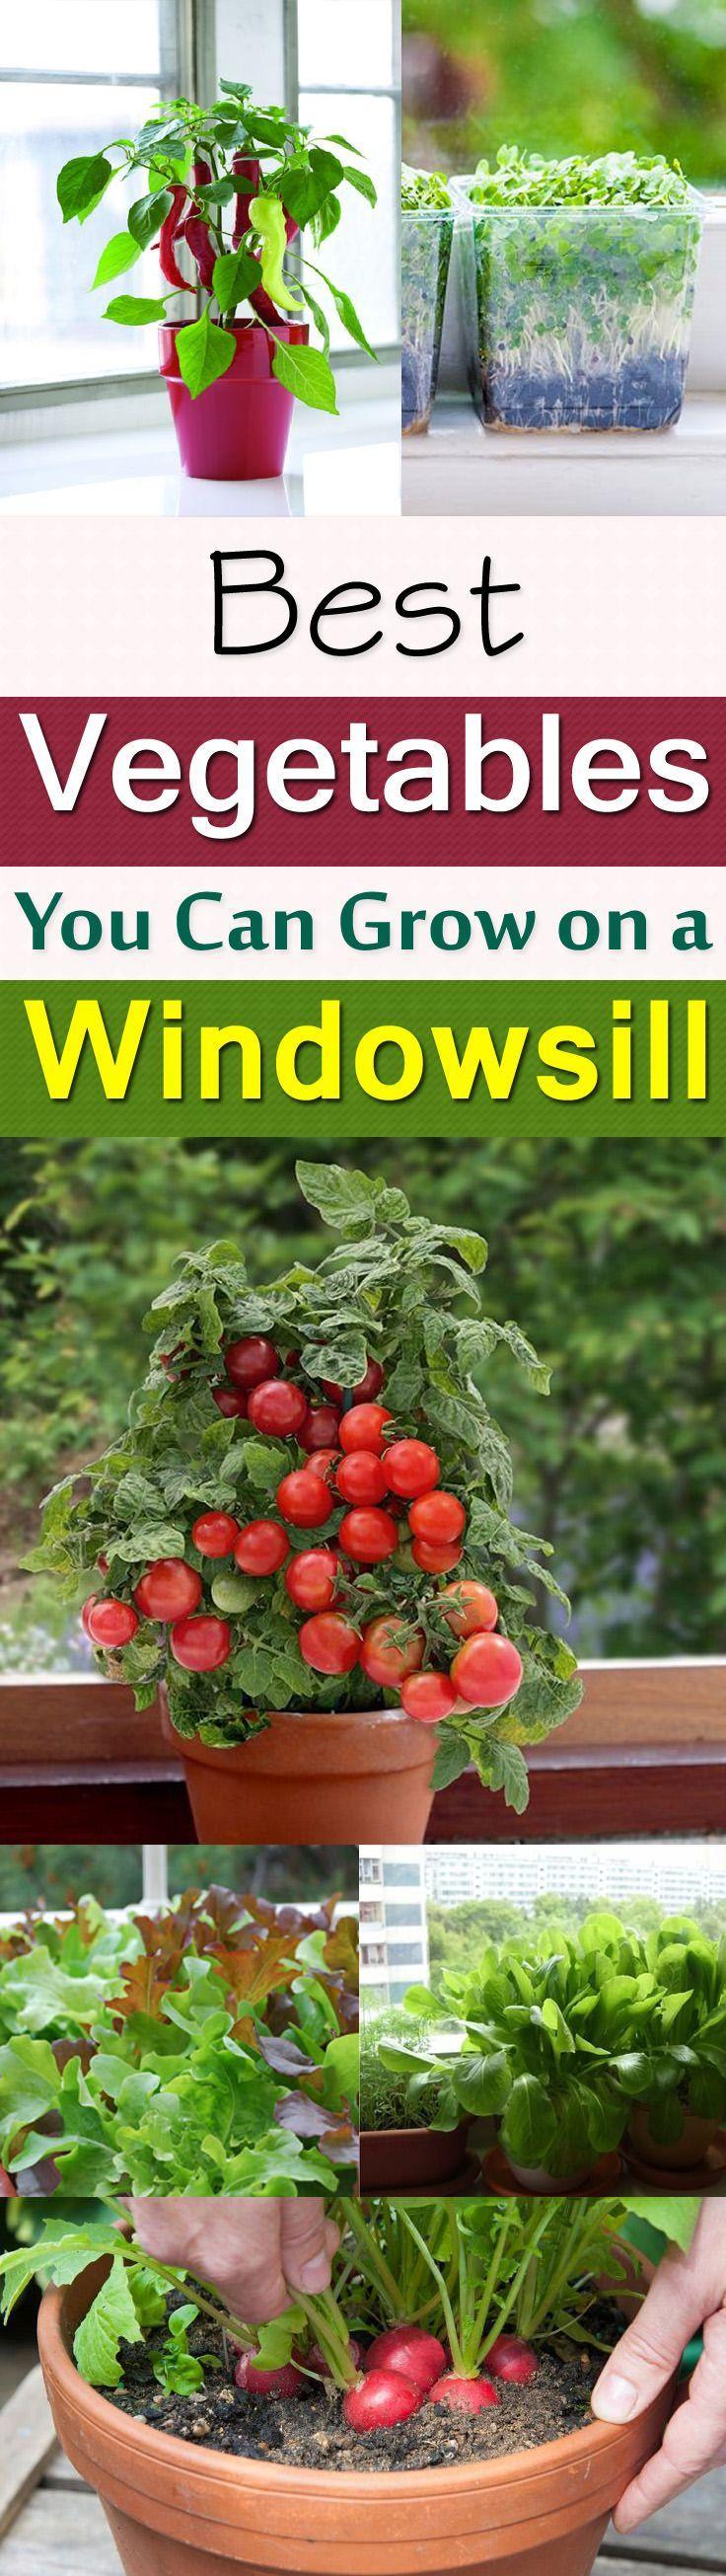 Lovely How to Start A Vegetable Garden for Beginners